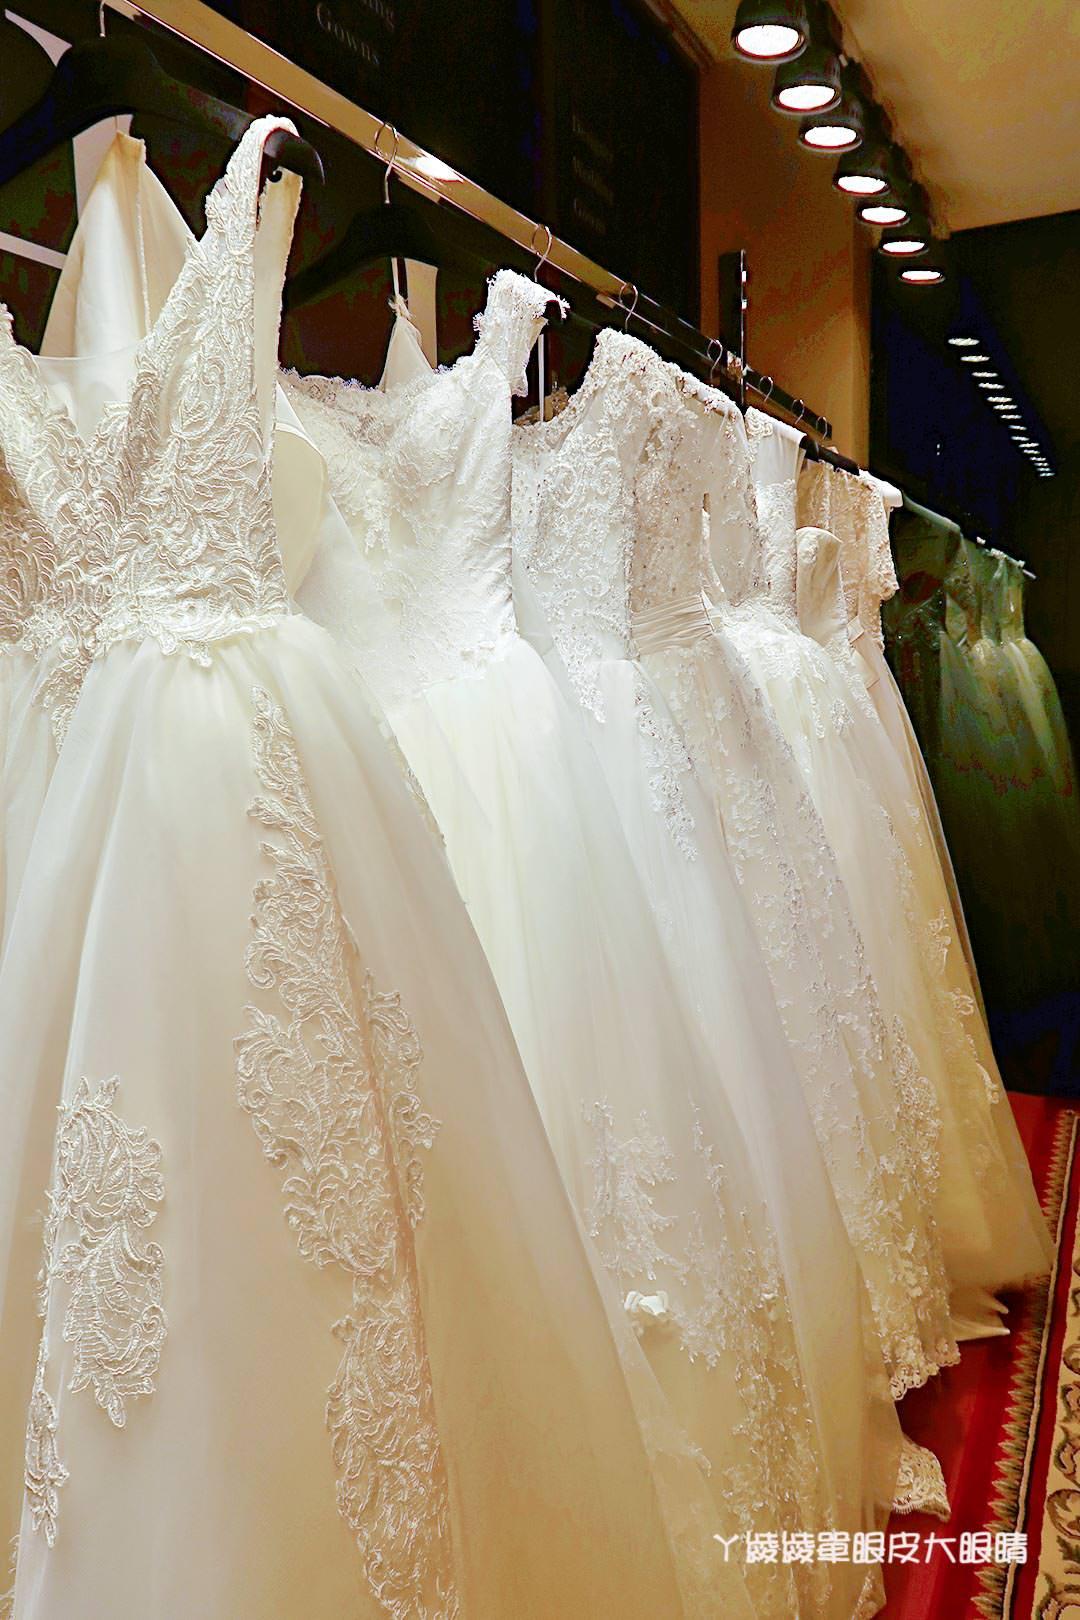 台中婚紗店《白宮精品婚紗》準新娘看過來!禮服|婚紗照|孕婦寫真|全家福照